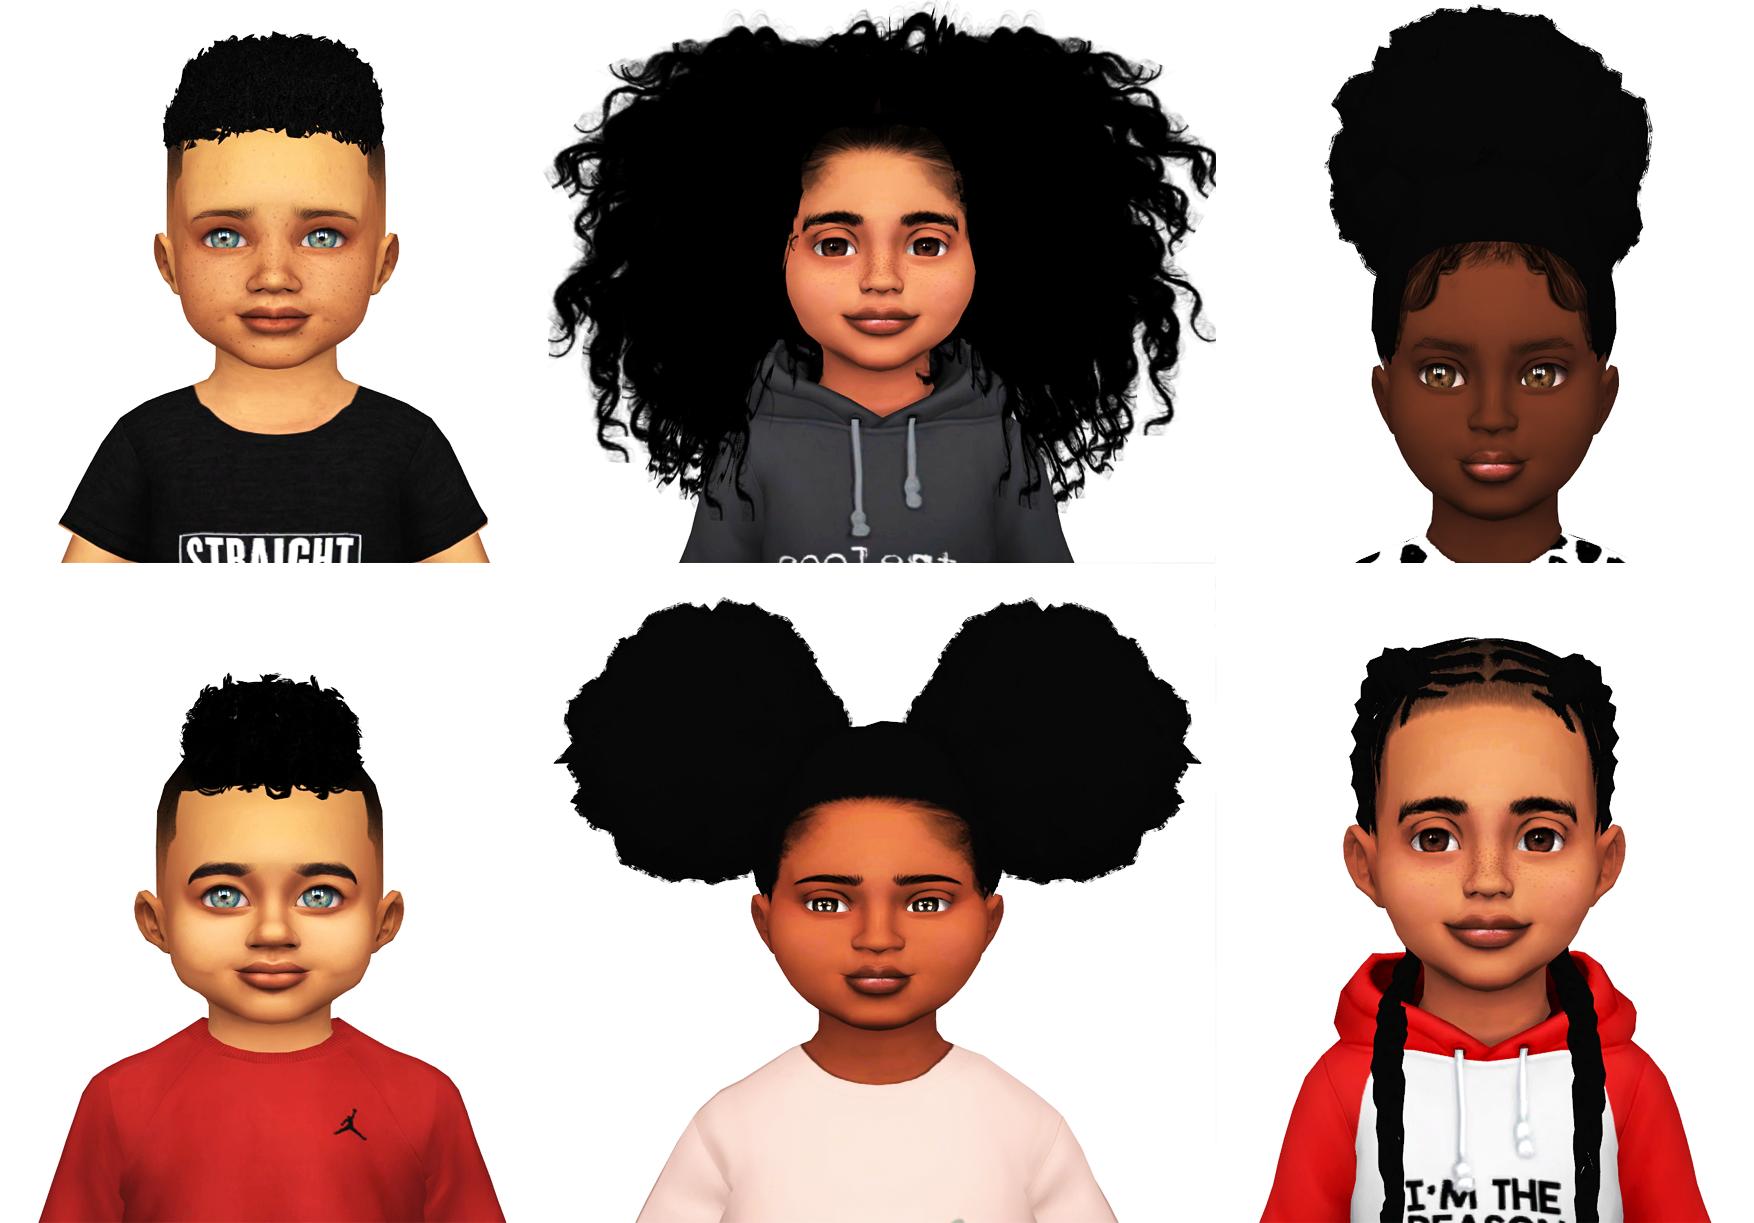 Ebonix Toddler Starter Kit Sims 4 Toddler Sims Hair Sims 4